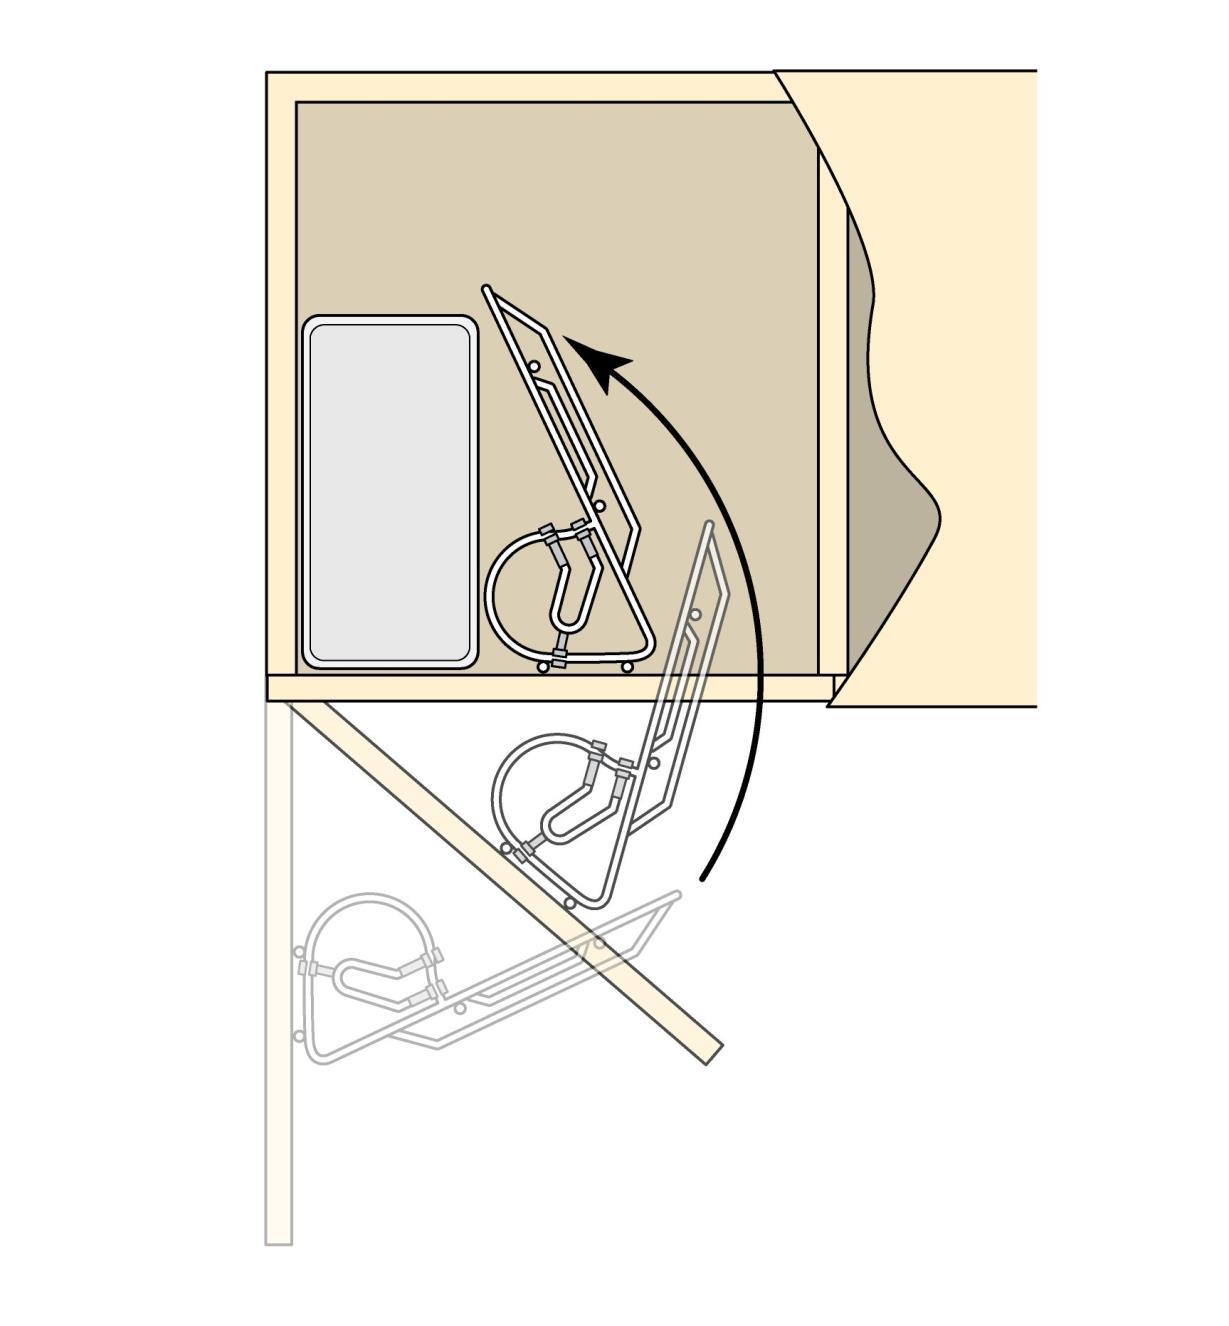 12K3481 - Support pour balayette et pelle à poussière